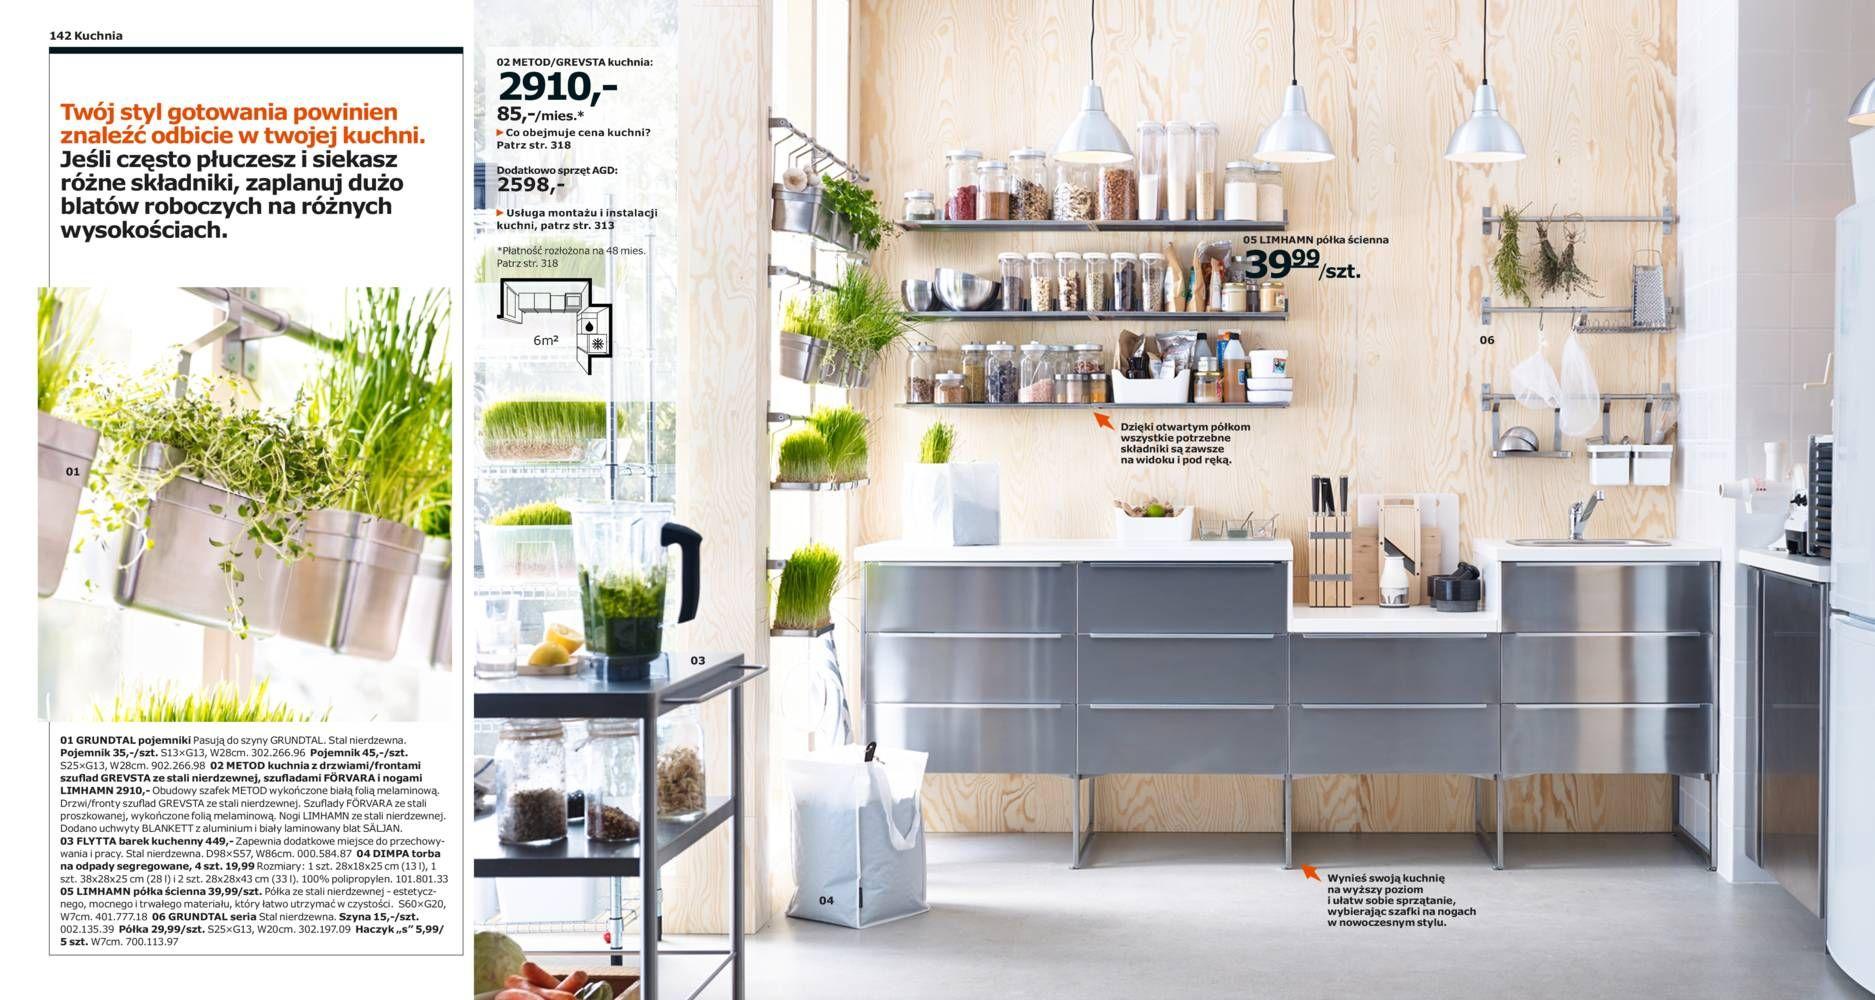 Katalog Ikea 2015 Rośliny Kuchnia Ikea I Wnętrza